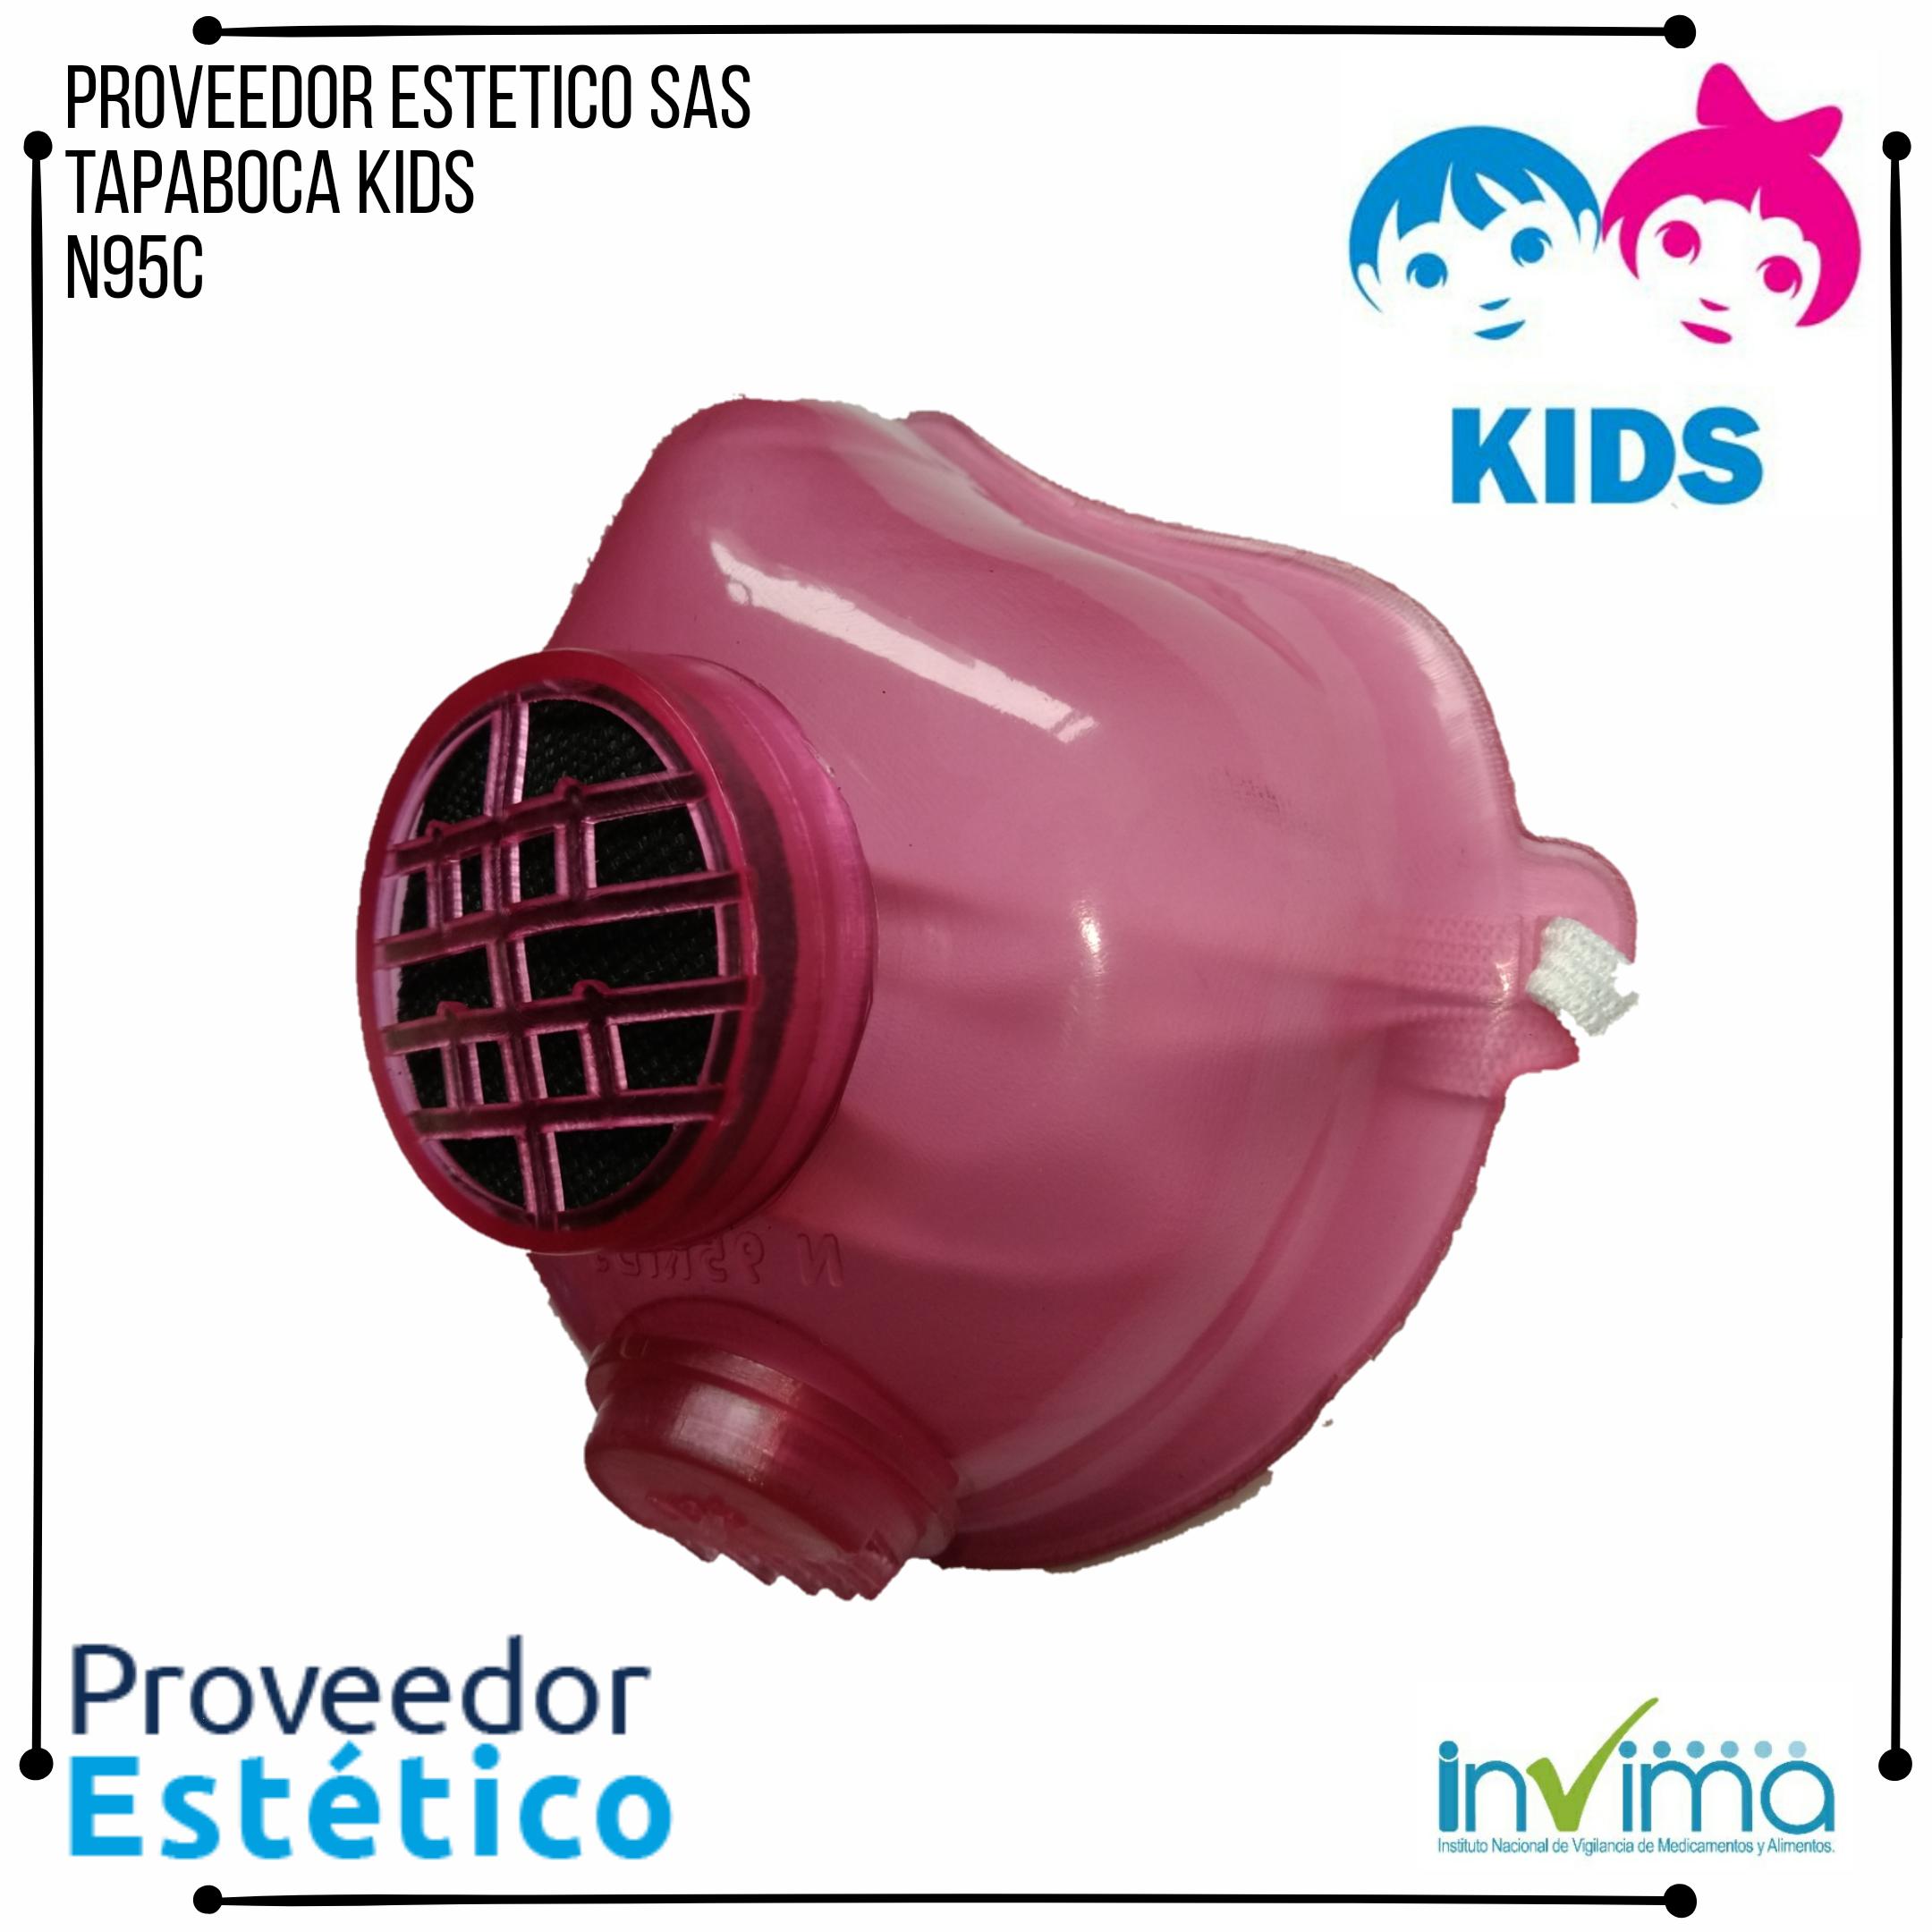 https://0201.nccdn.net/1_2/000/000/09c/d1a/Tapaboca-N95-Kids_3.png